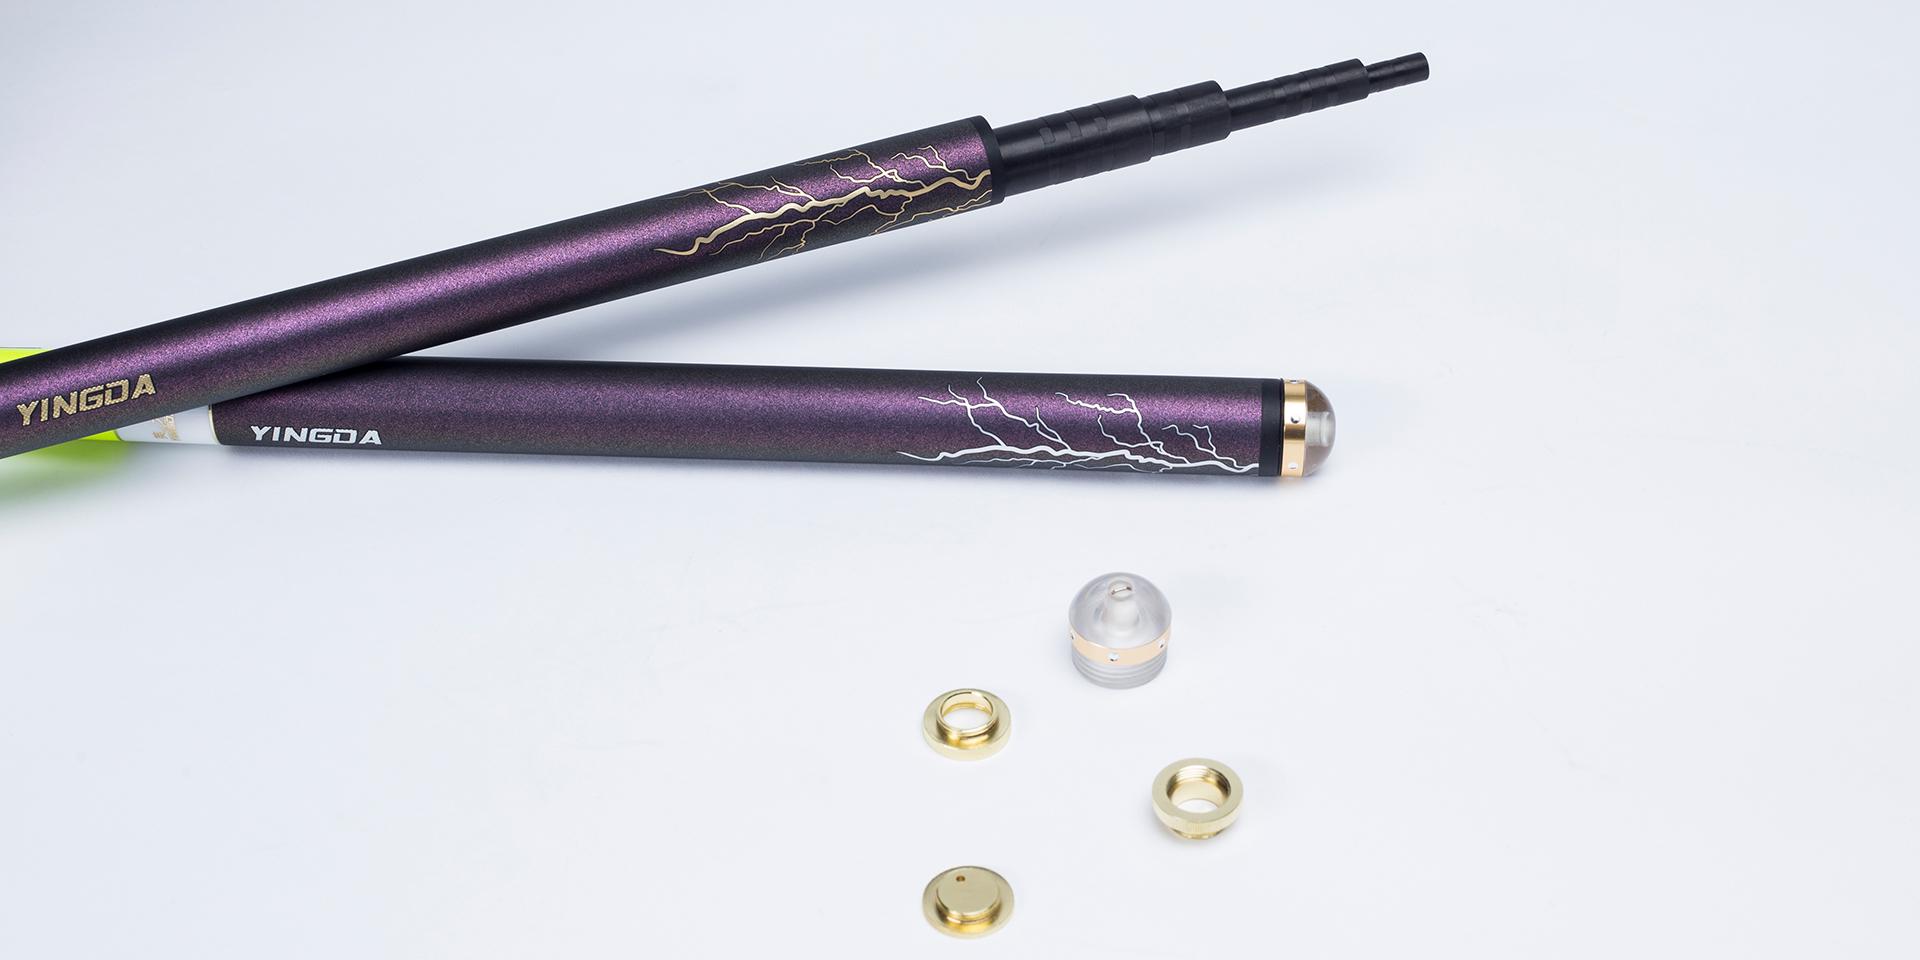 可卸式纯金属配重件可随心所欲调节重心微调调性,尾部采用独特的ALS设计,更加增强了钓竿的优越制御力。